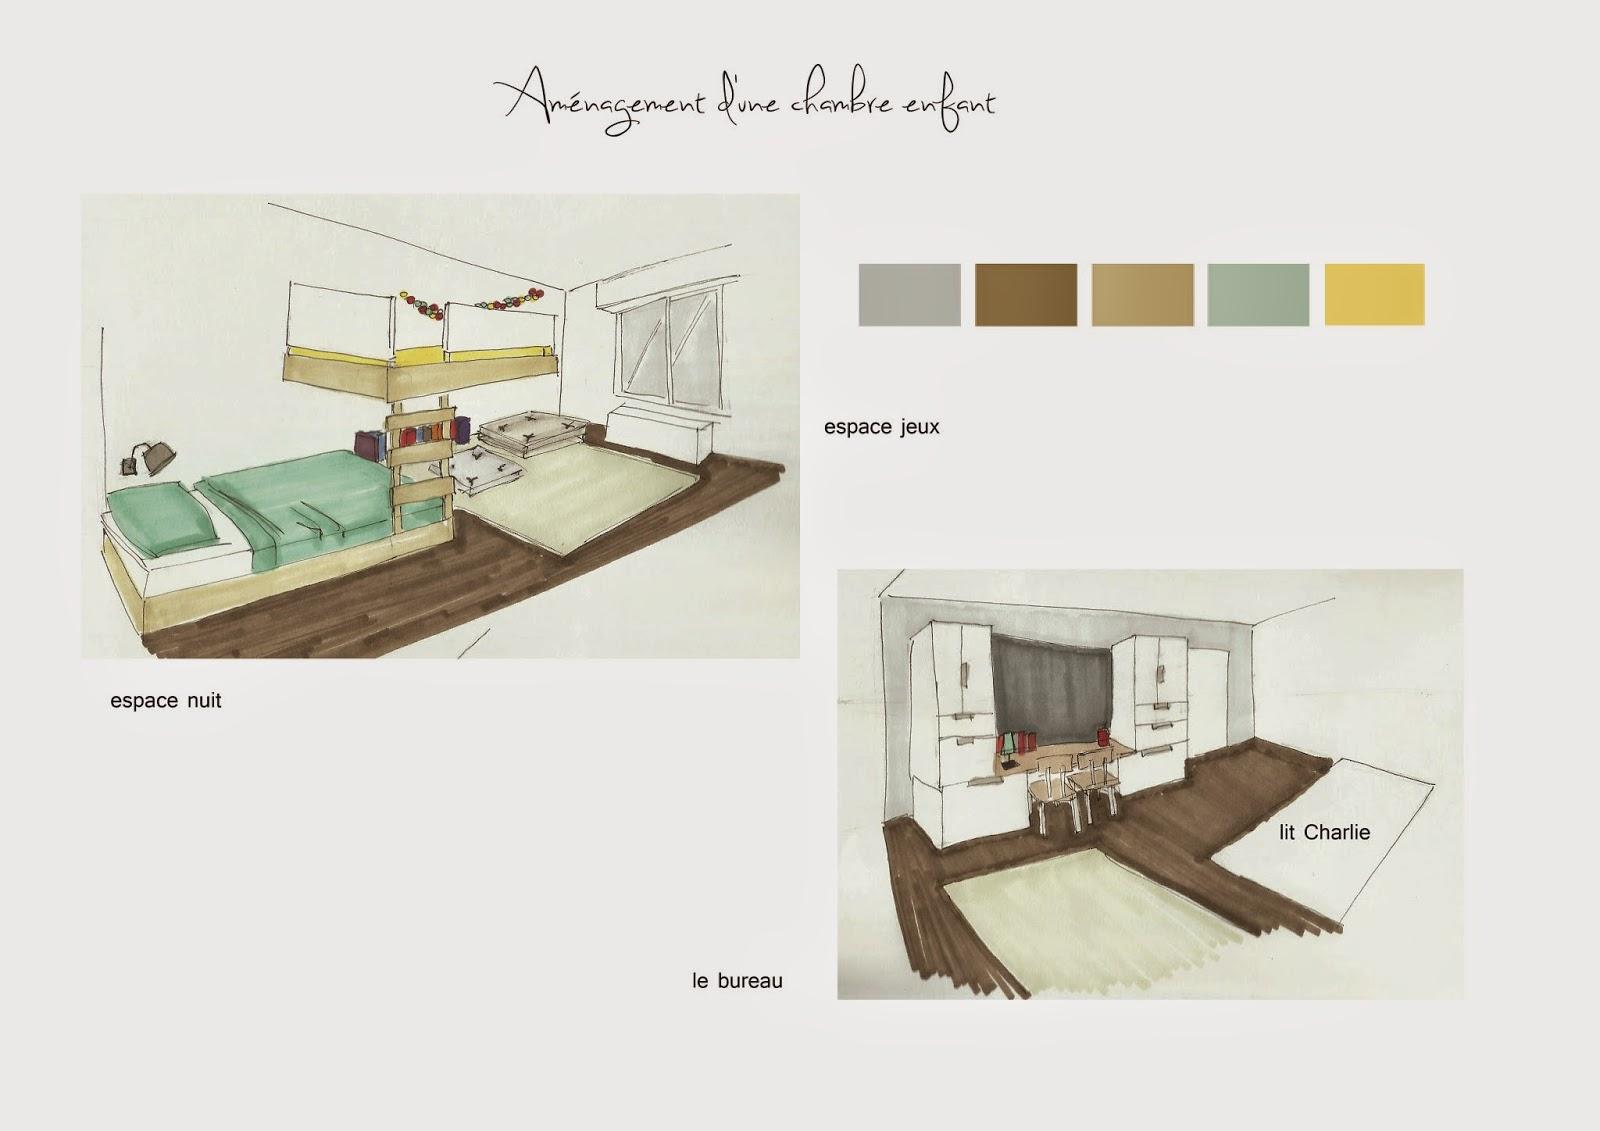 adc l 39 atelier d 39 c t am nagement int rieur design d 39 espace et d coration 1 jour 1 projet. Black Bedroom Furniture Sets. Home Design Ideas